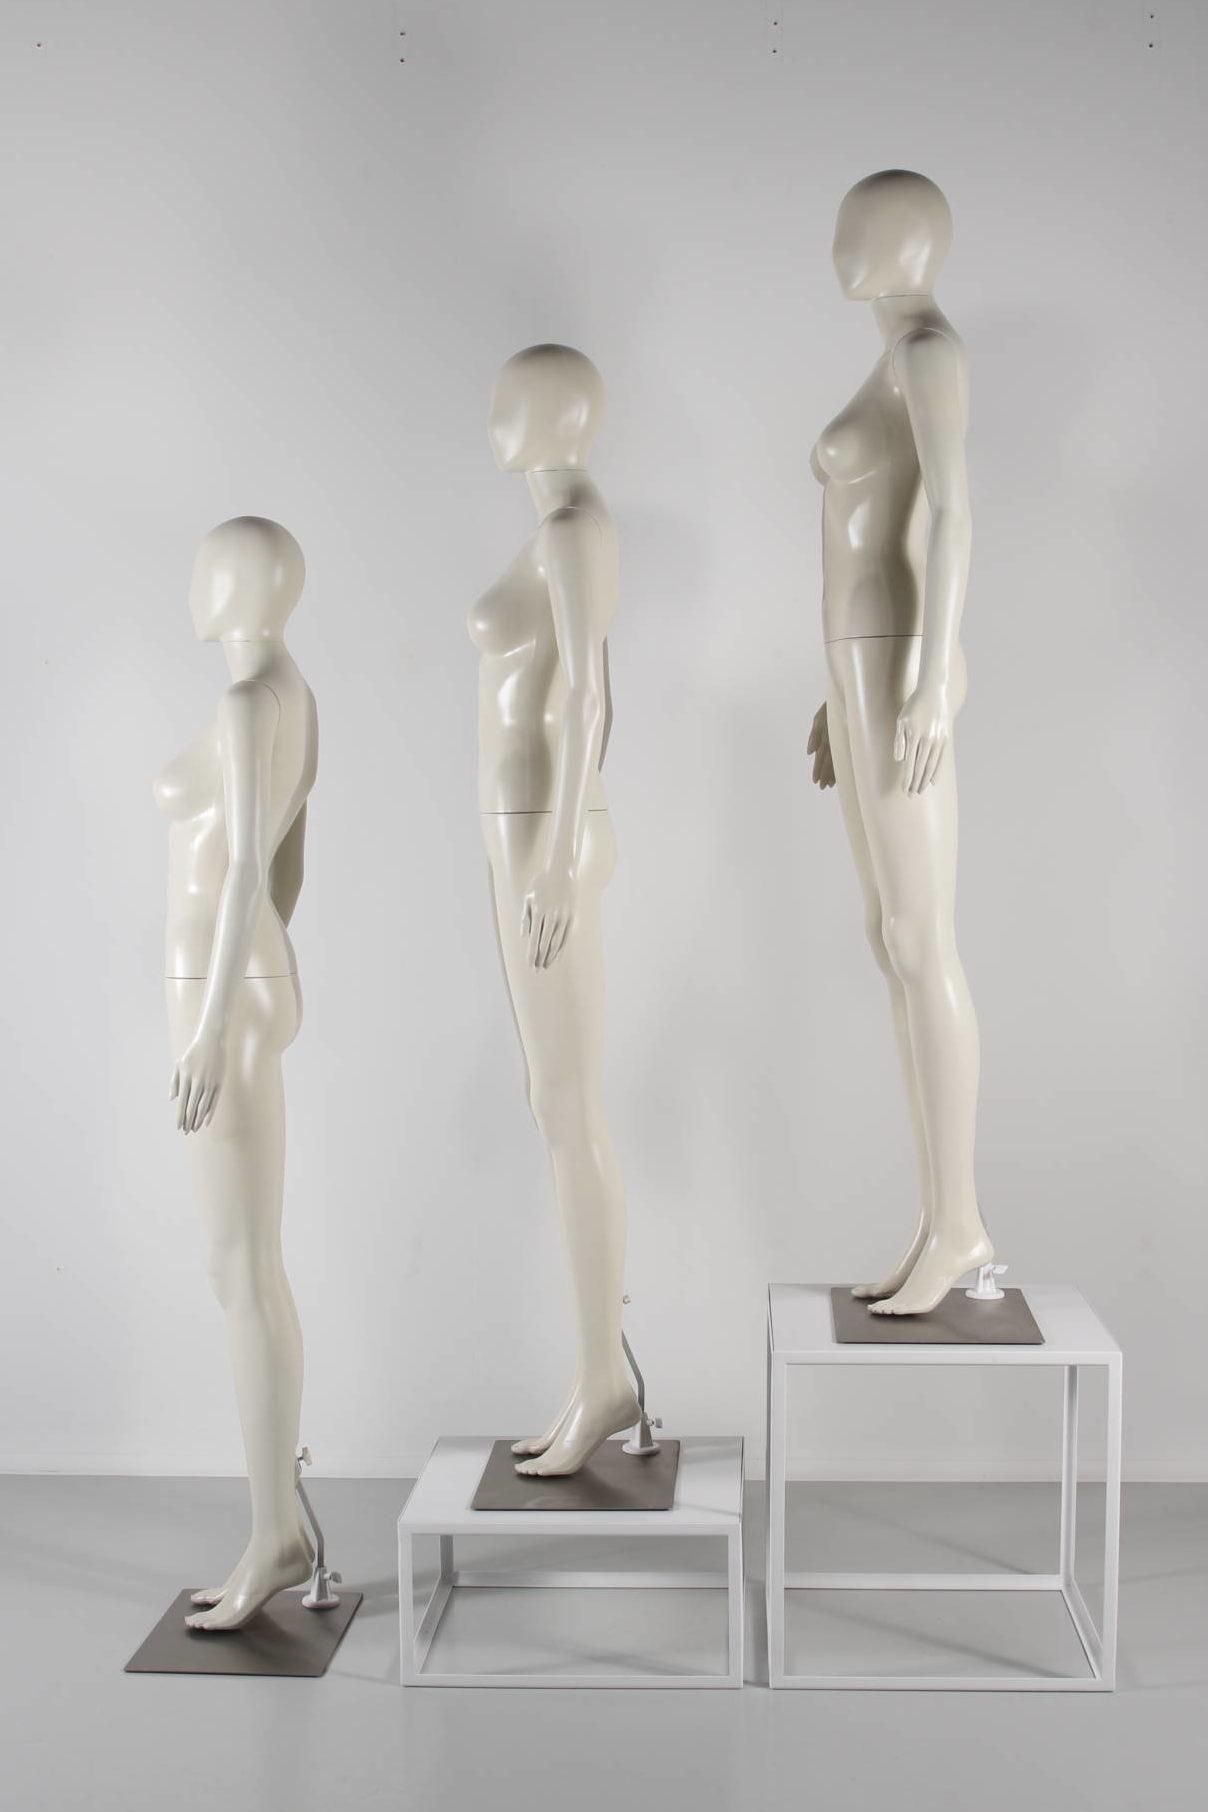 billige dame mannequiner i ivory farve